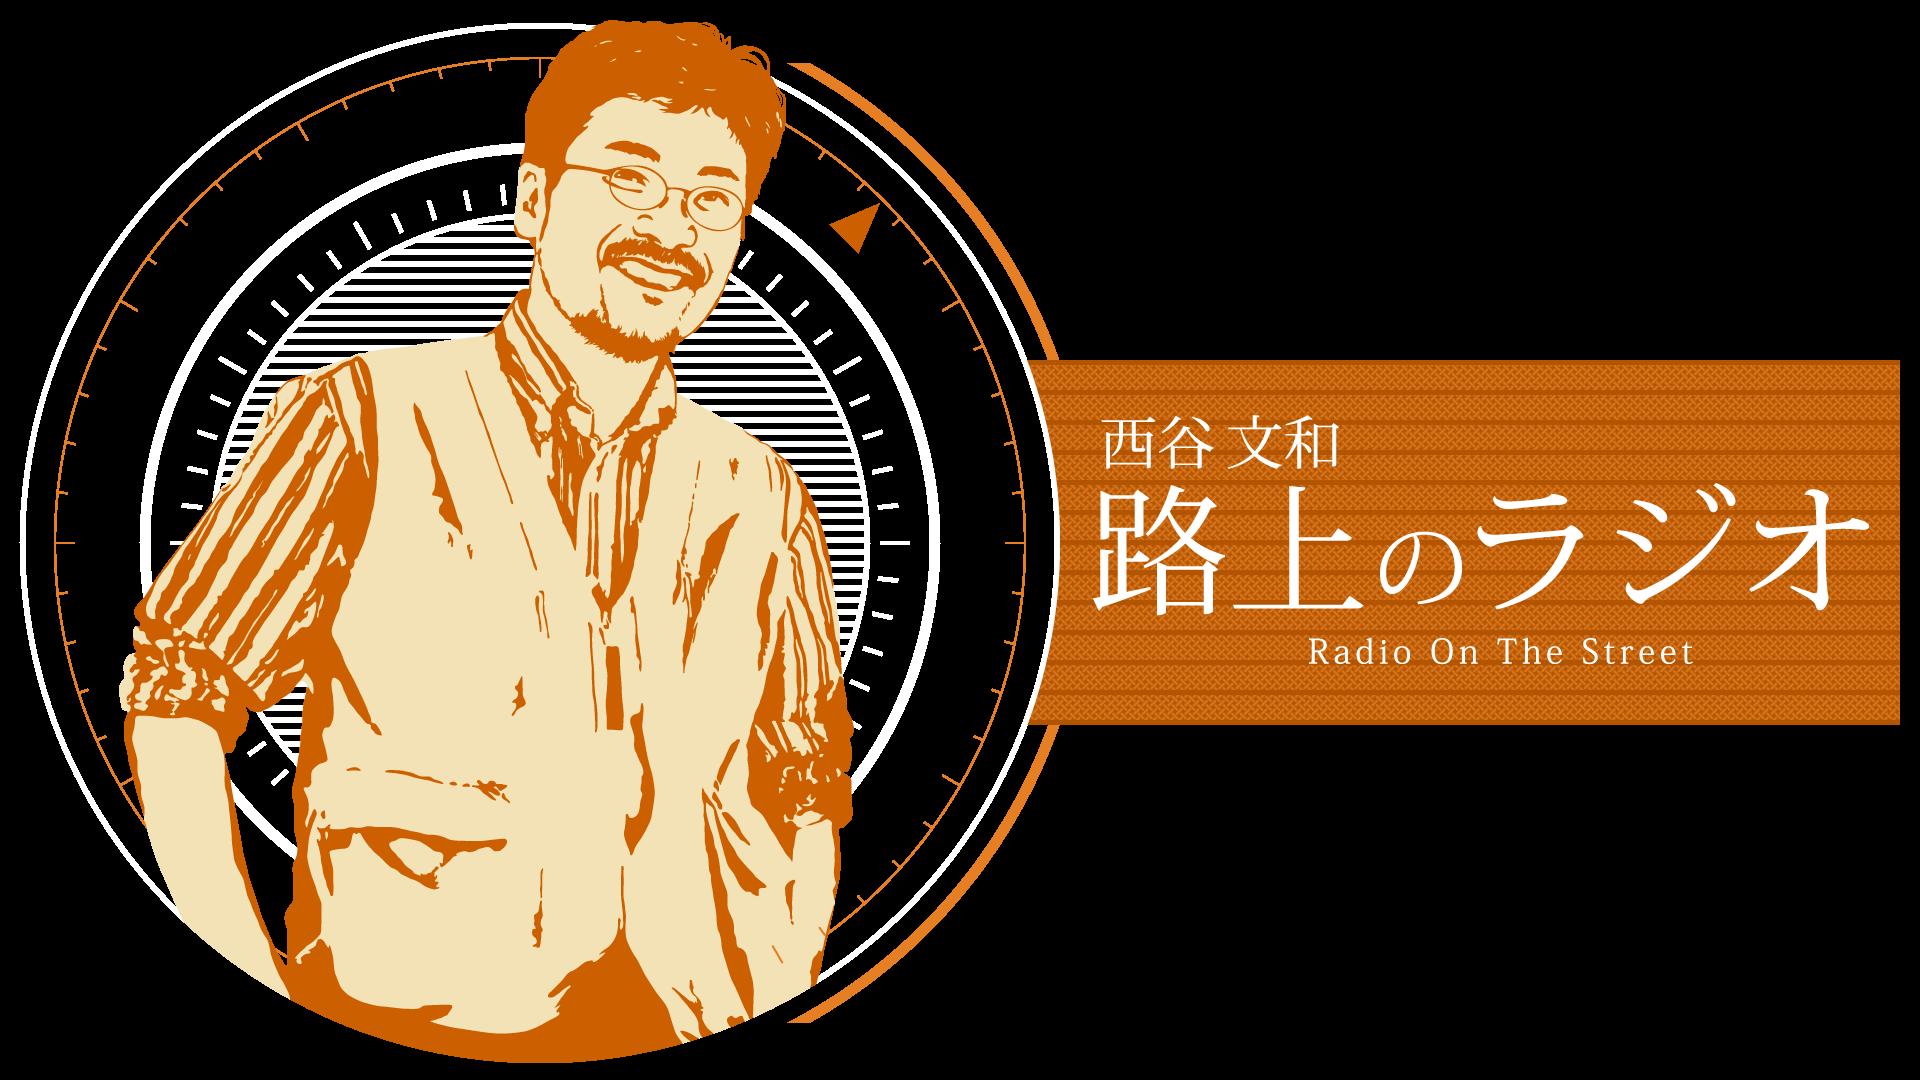 西谷文和 路上のラジオ